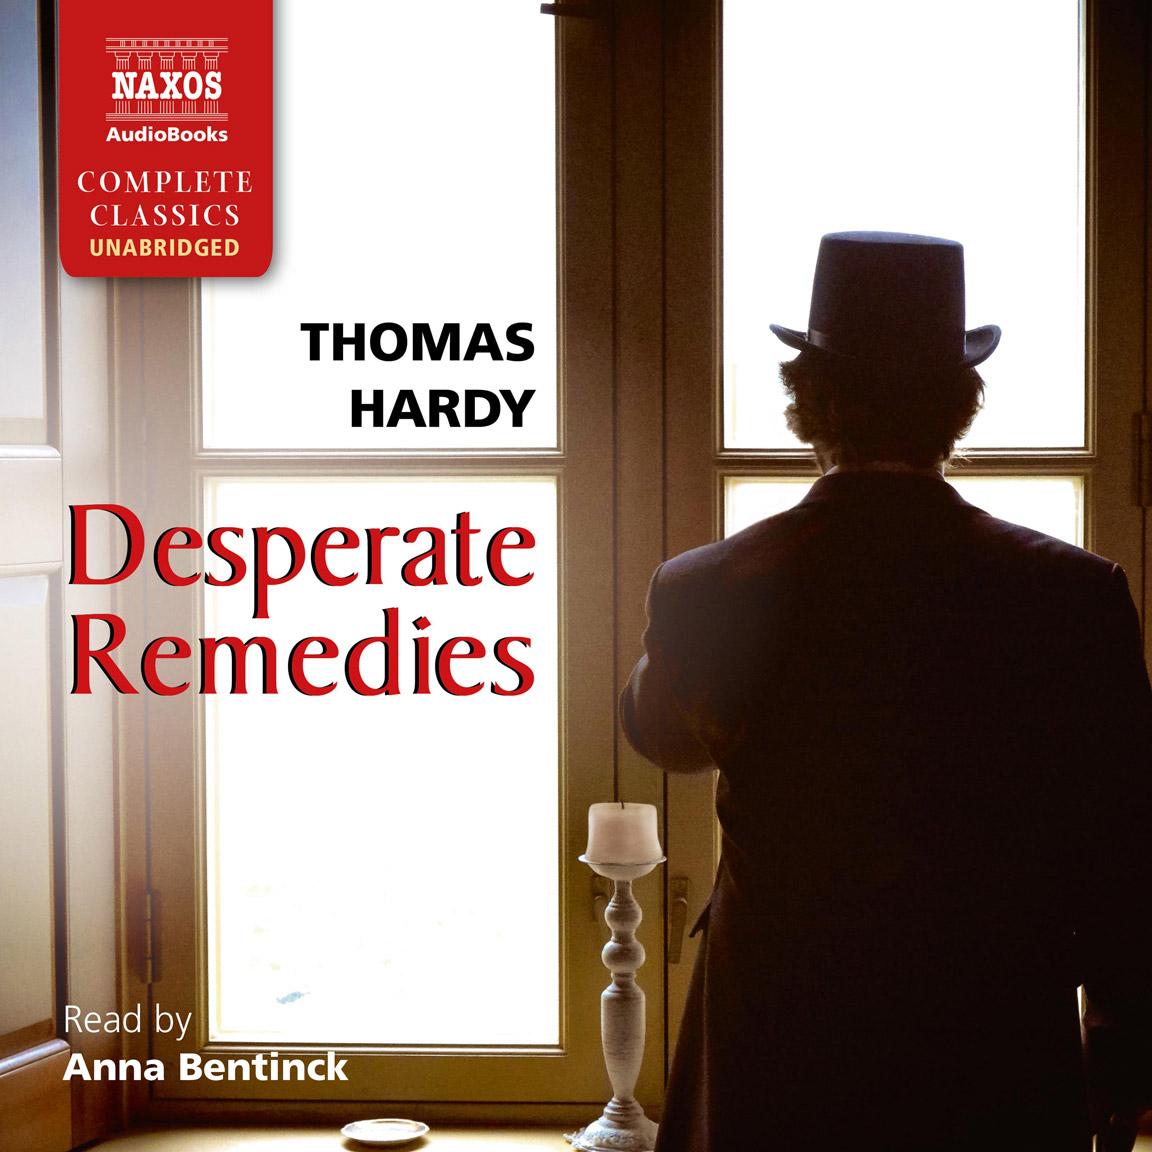 Desperate Remedies (unabridged)